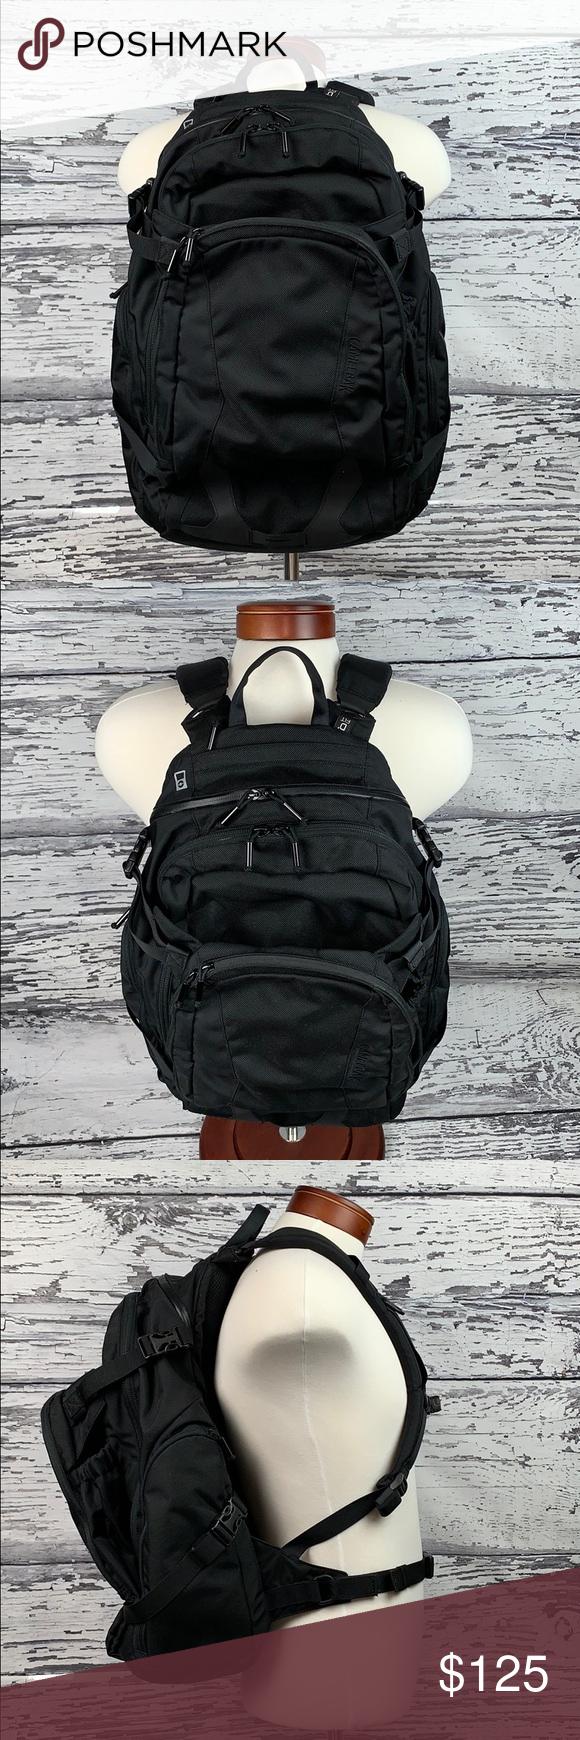 Camelbak Black Back Pack Urban Assault Xl Back To Black Camelbak Backpacks